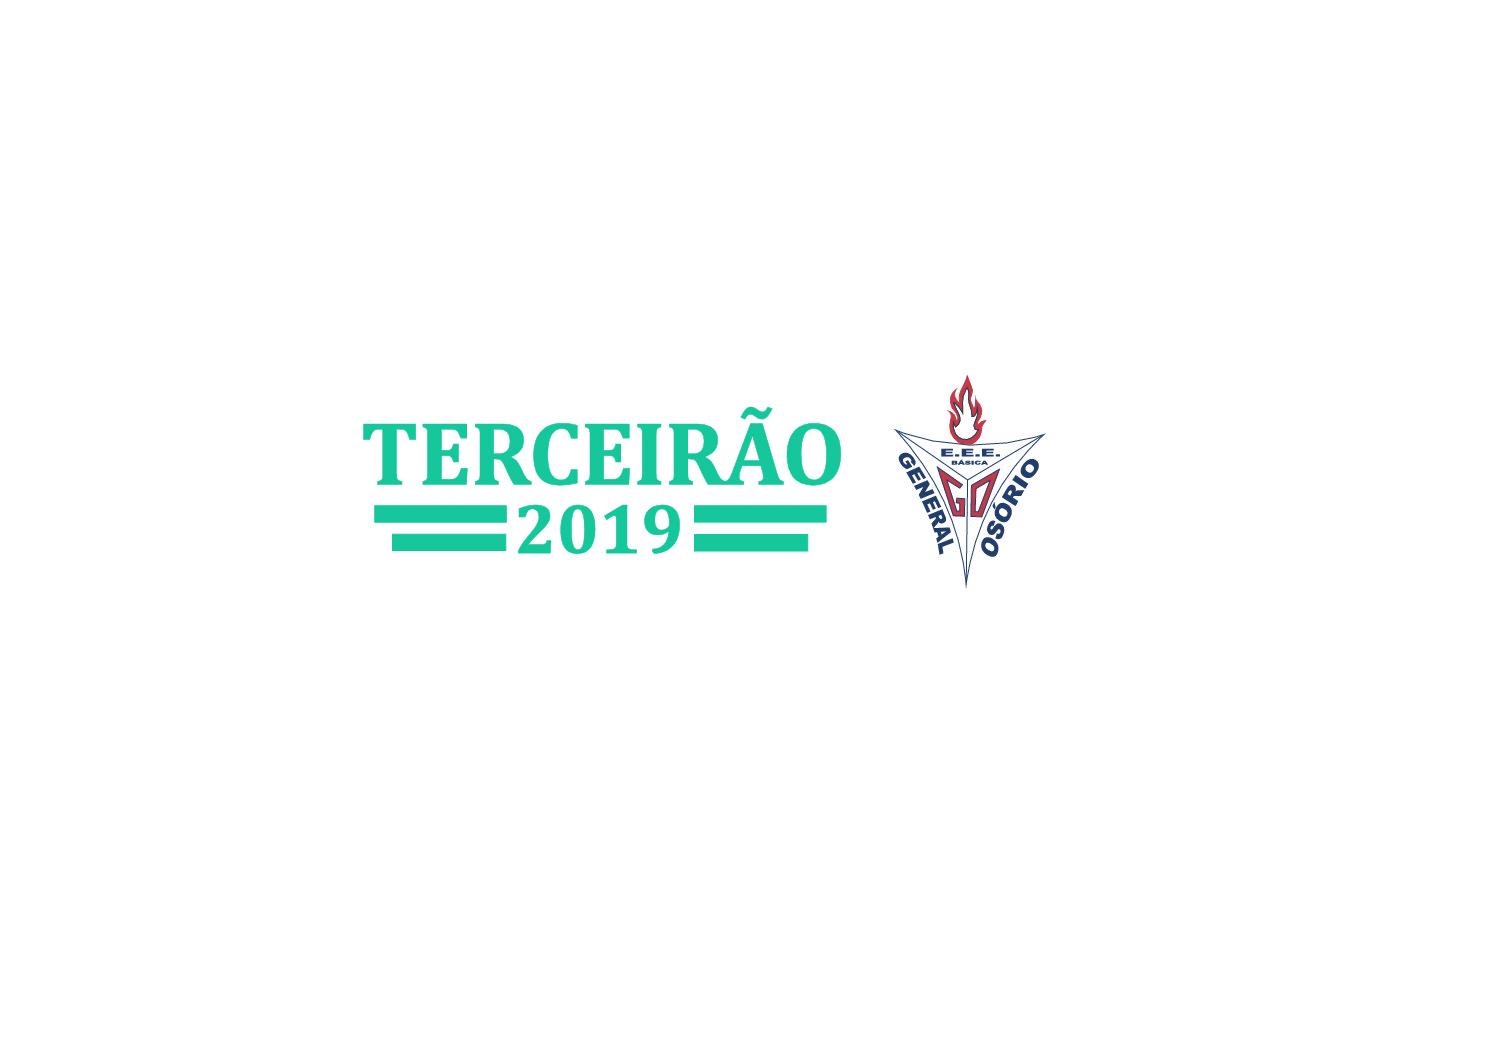 Moletom canguru com logo bordado ponto a ponto para Terceiro ano da Escola General Osório, da cidade de Ibirubá/RS.